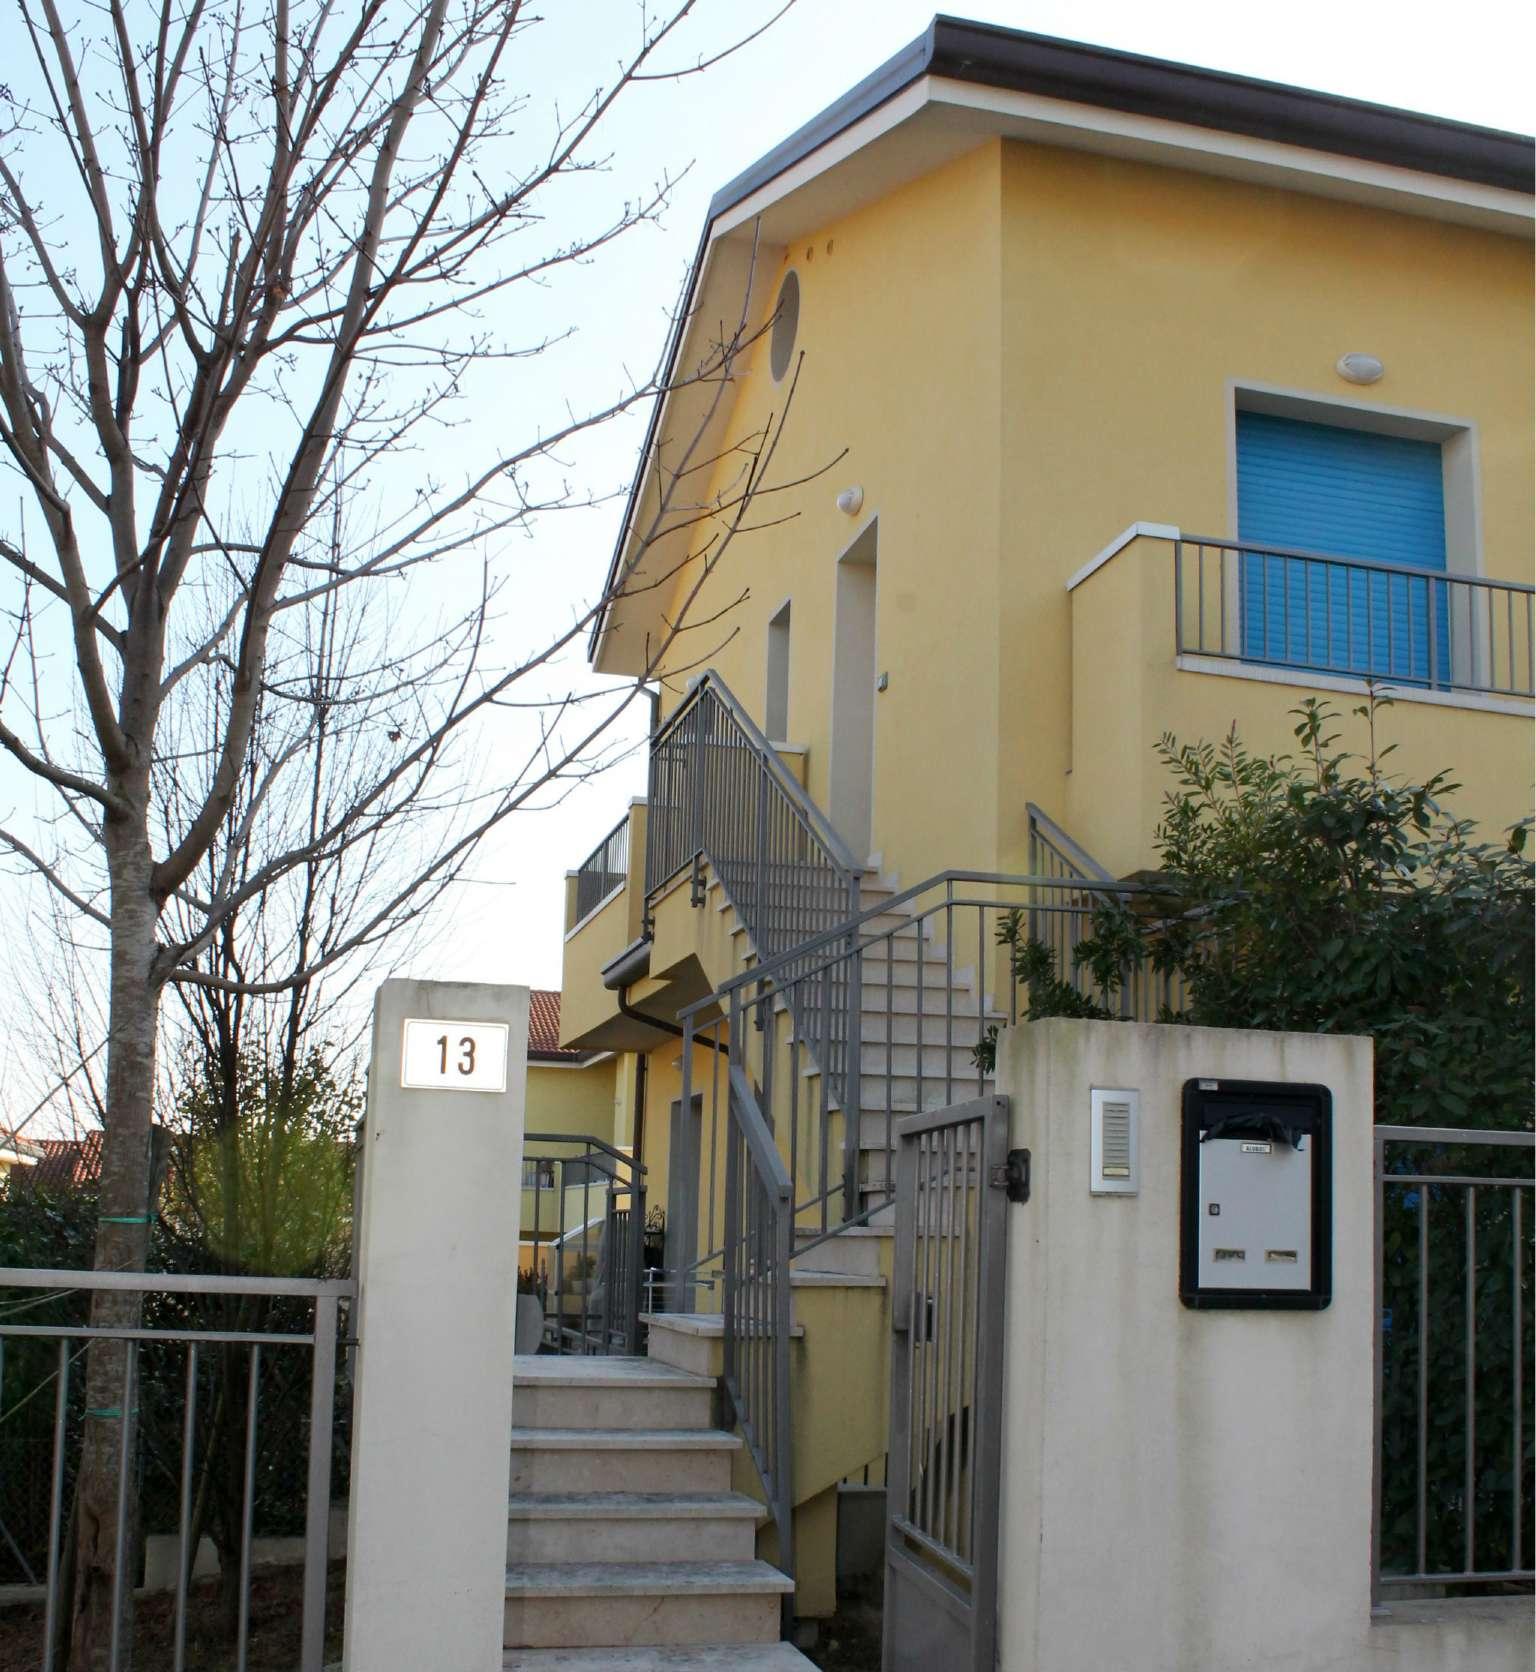 Appartamento in vendita a Coriano, 2 locali, prezzo € 160.000 | CambioCasa.it